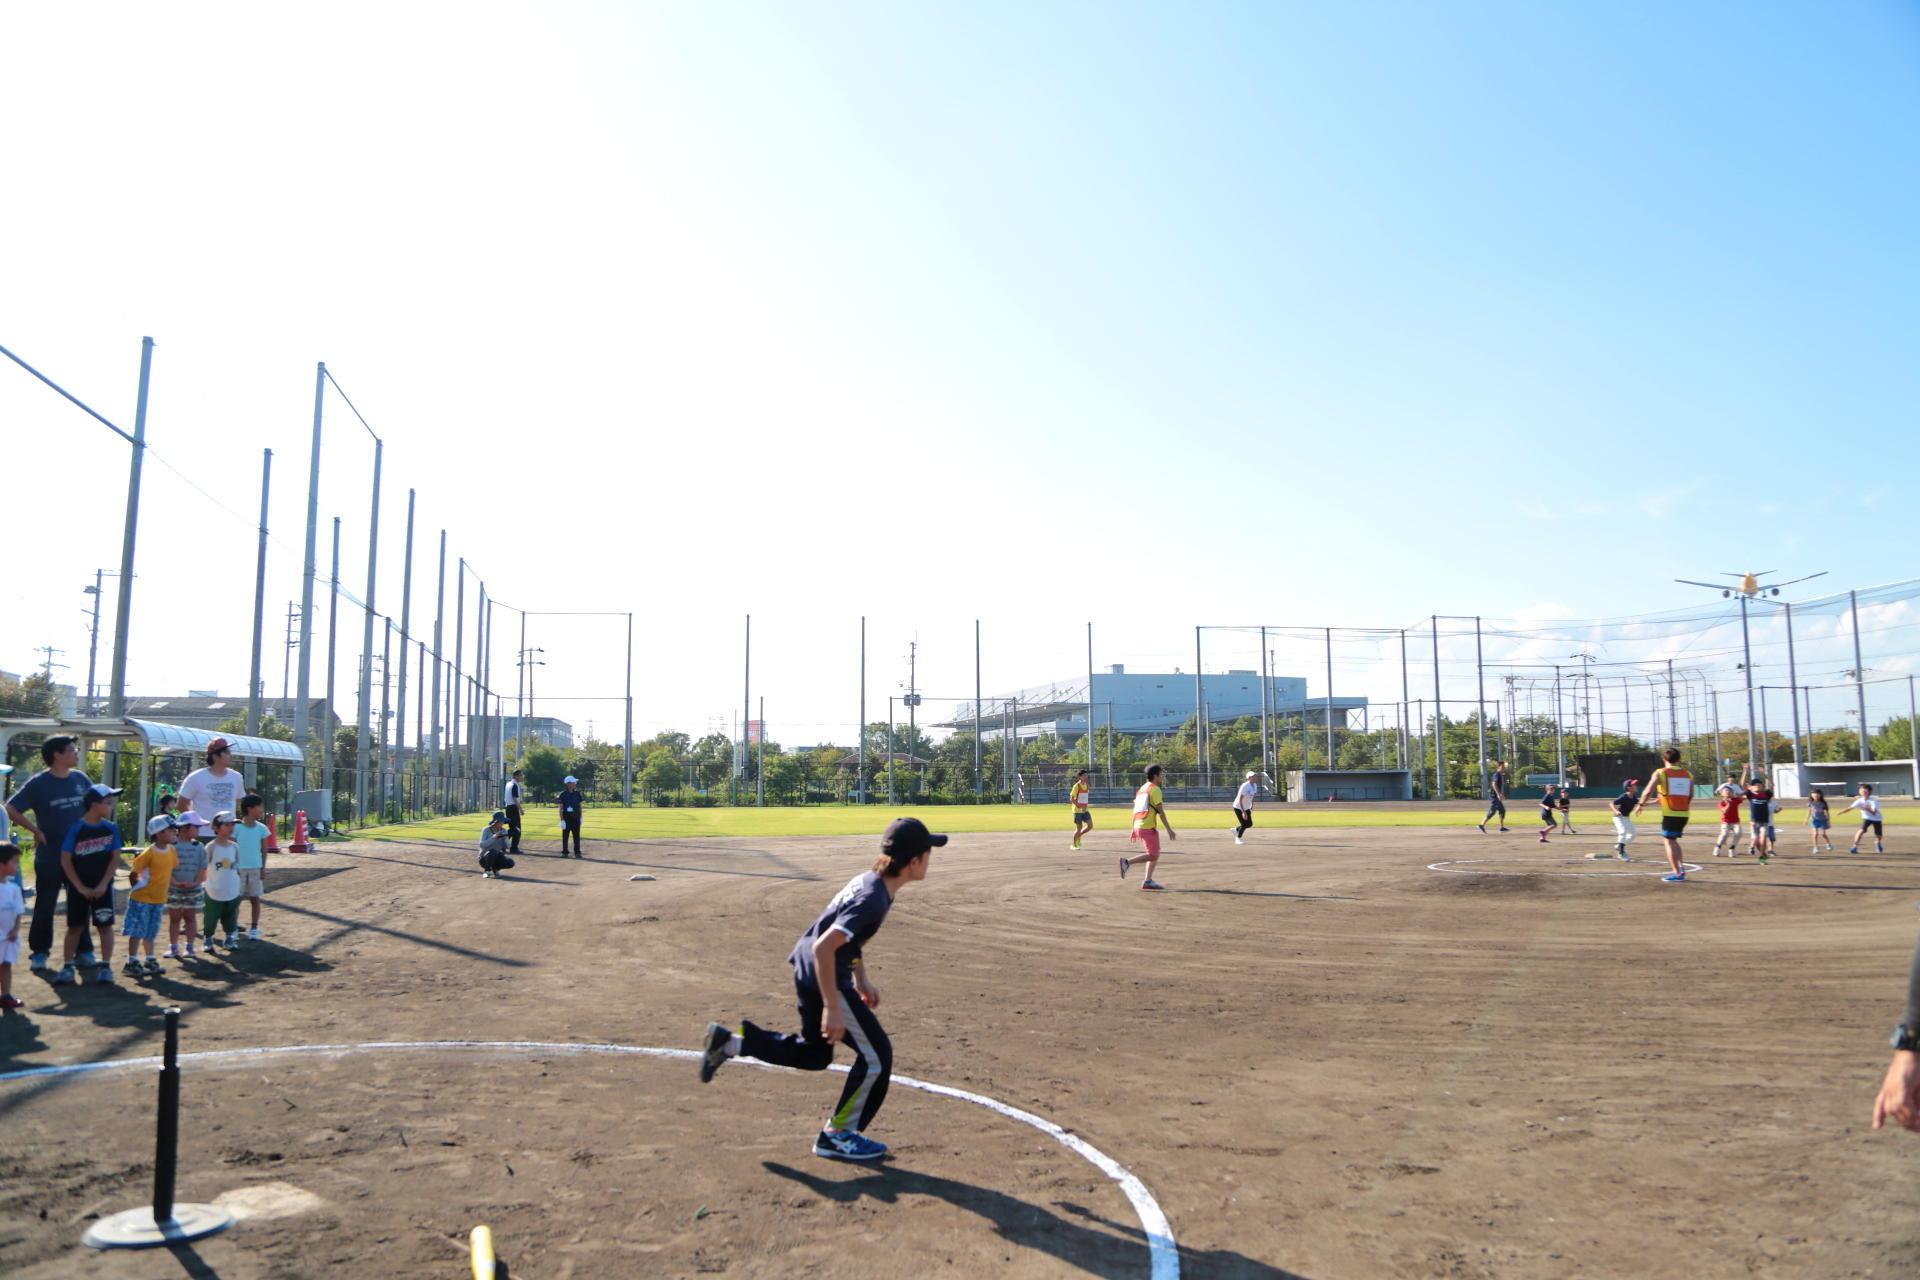 http://news.yoshimoto.co.jp/20171012110204-fa24c4465a5ca2448df0a55c53d93259b1b53b1a.jpg